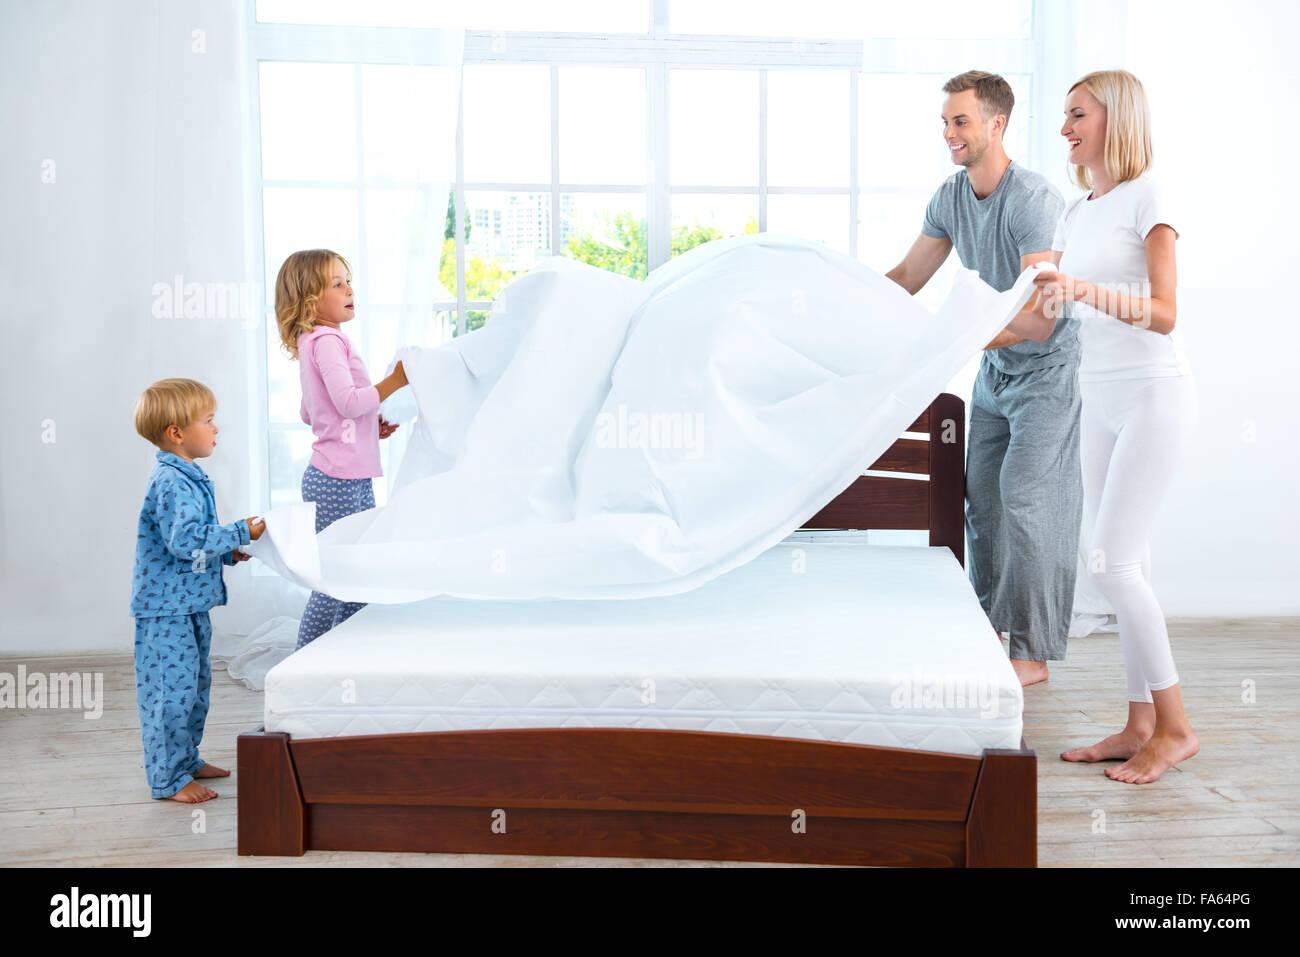 Joven bonita familia hacer la cama Imagen De Stock